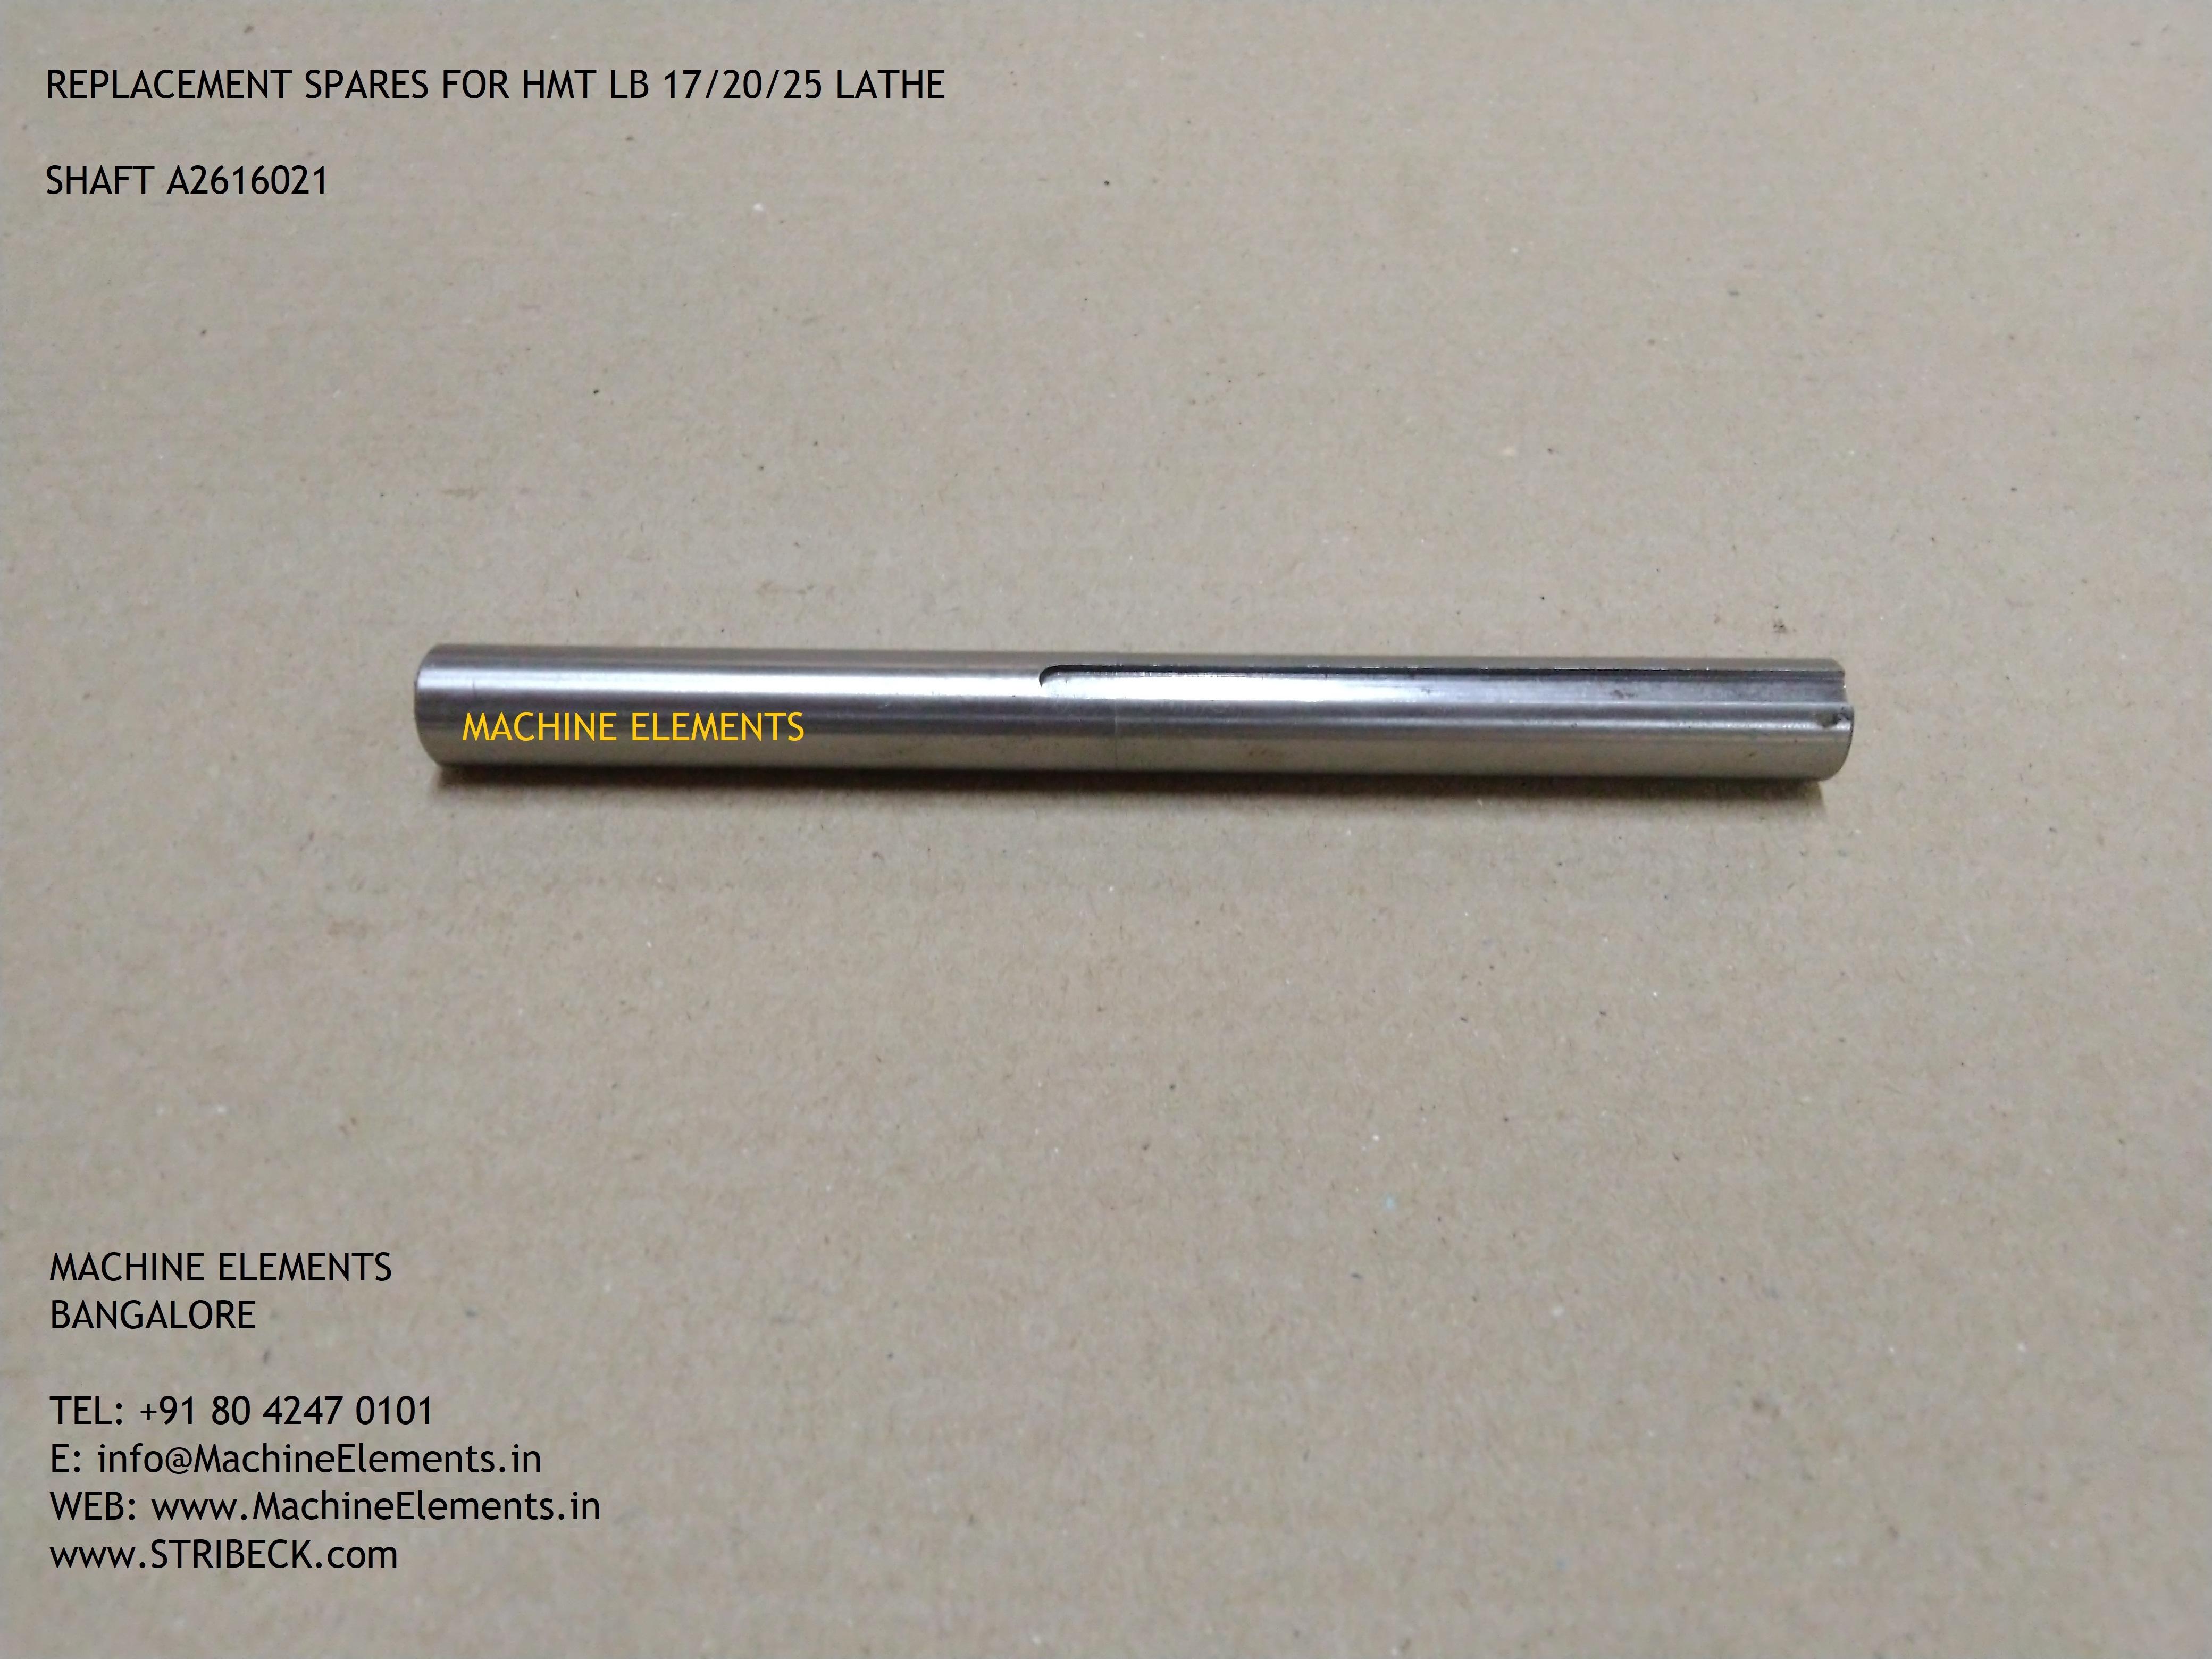 Shaft A2616021